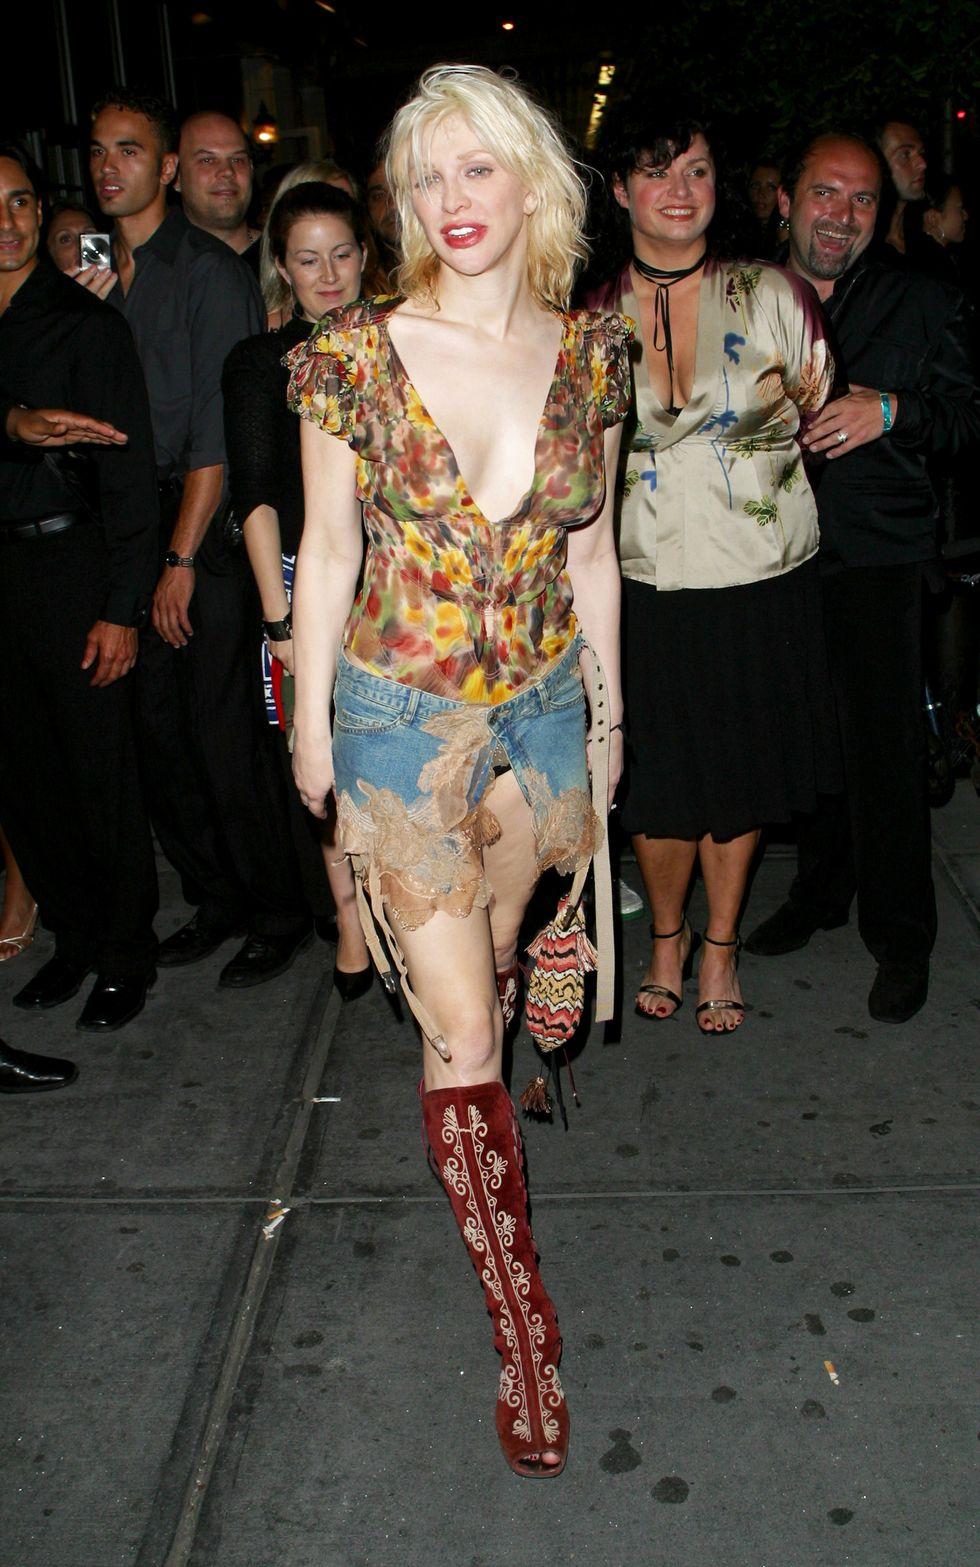 Courtney tình yêu, 2002 Chúng tôi rất thích (xin lỗi, không thể tránh khỏi) với diện mạo Tuần lễ thời trang New York này, trong đó mặt trước của váy jean gần như được mở hoàn toàn - theo phong cách thời trang Courtney Love thực sự.